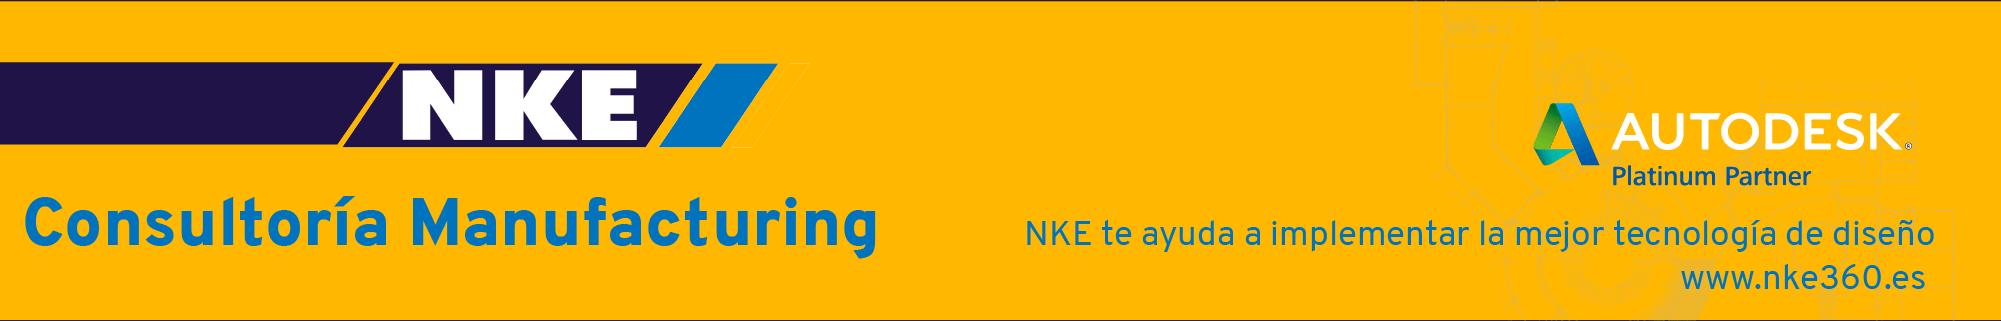 Banner-consultoria-manufacturing